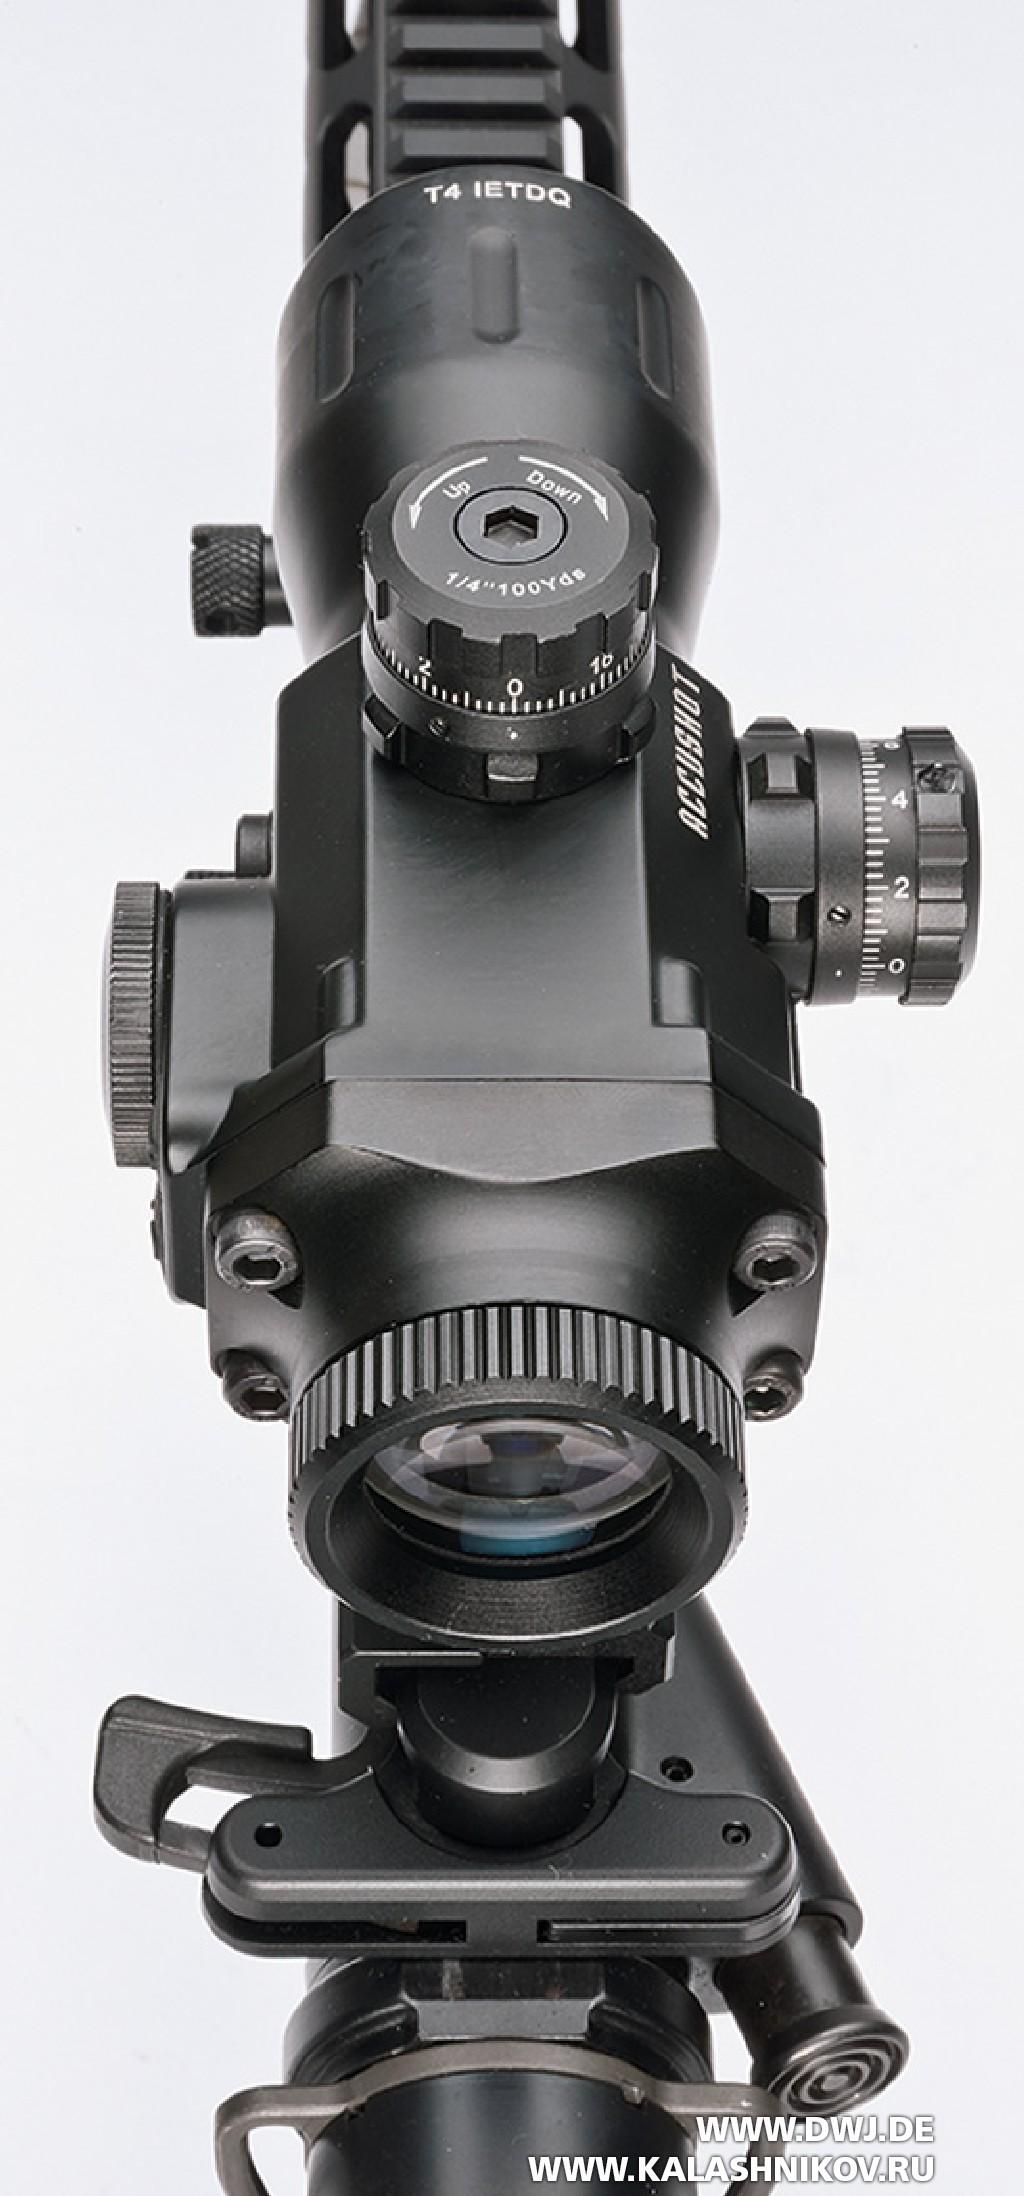 Винтовка HKMR223 А3. Прицел UTG Compact Prismatic 4x32 T4